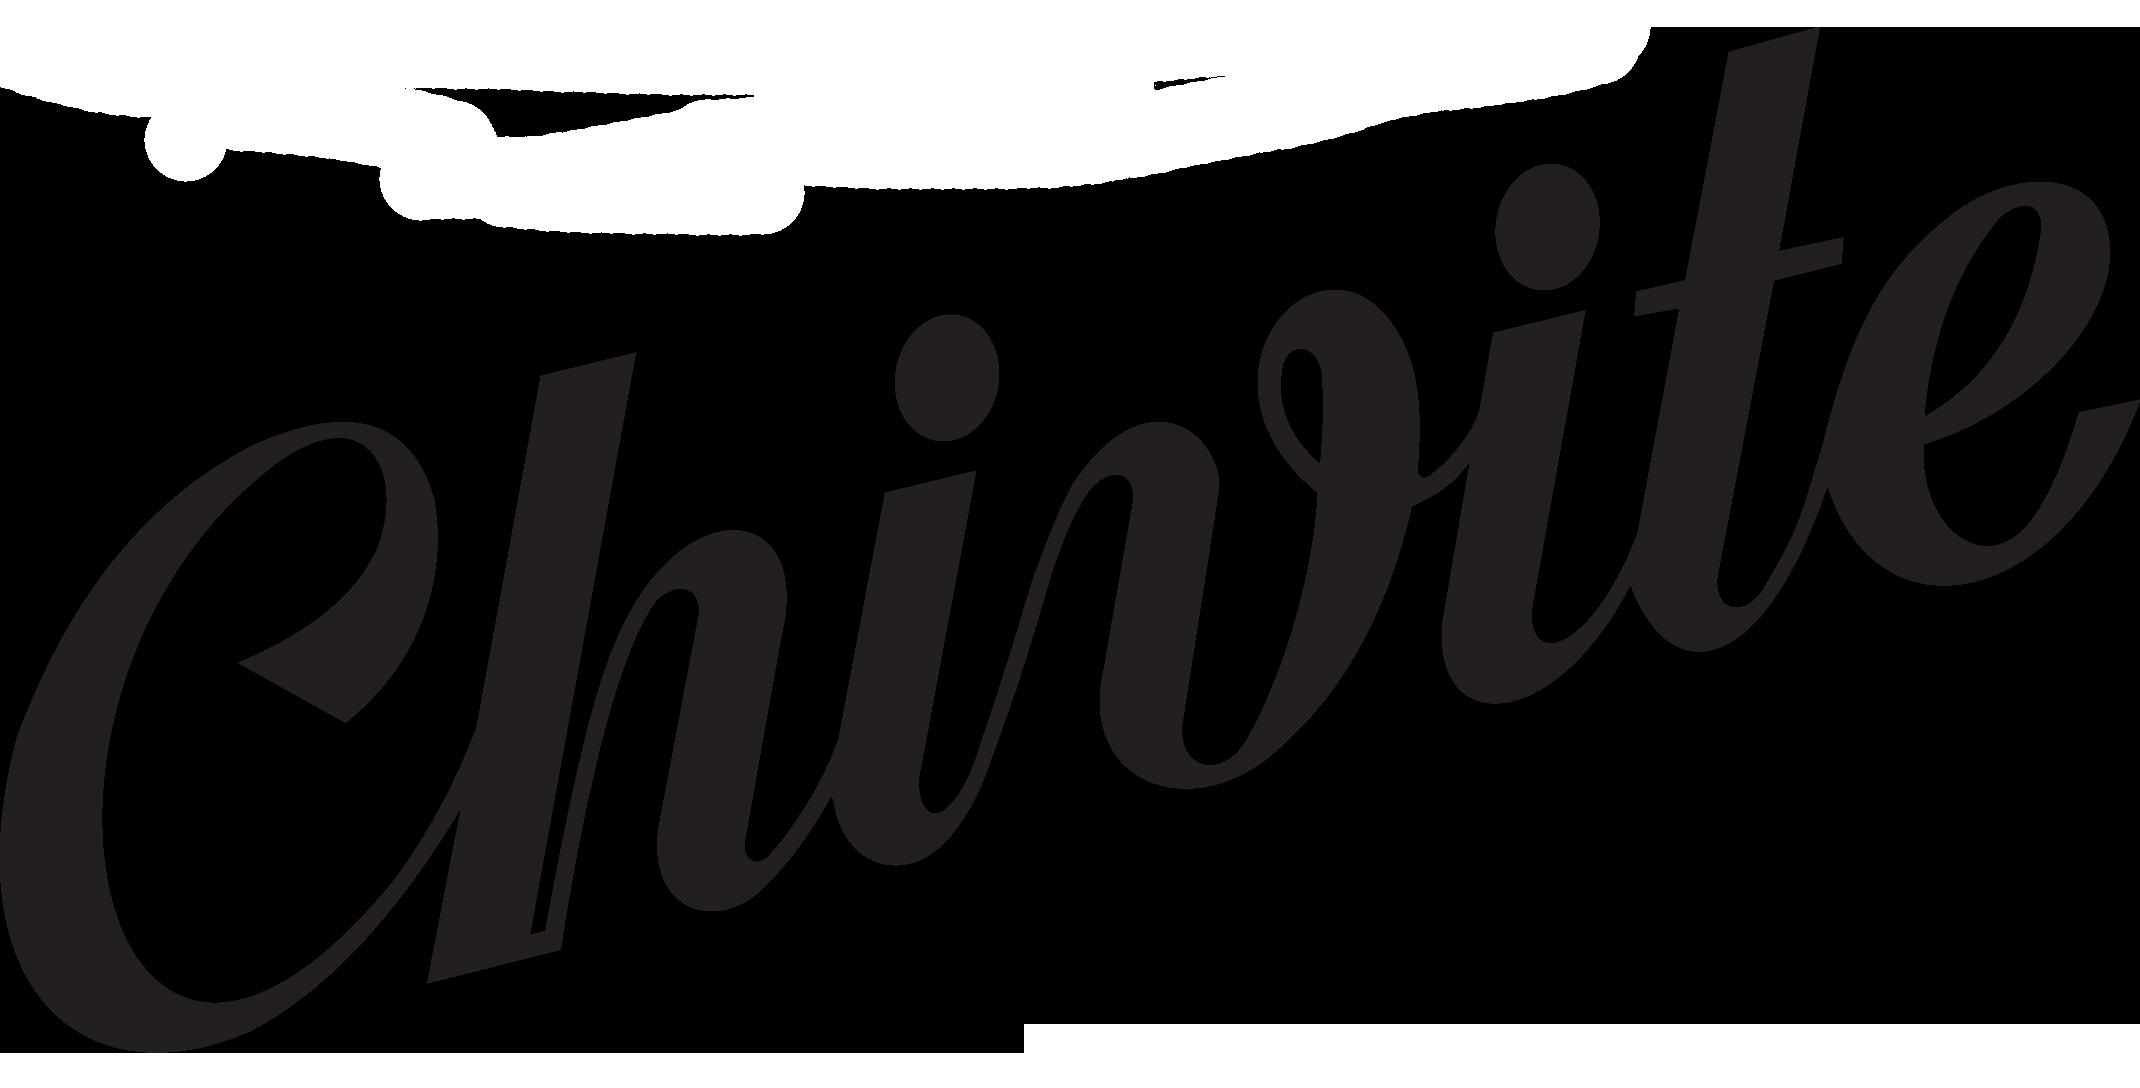 Logo Bodega Chivite & Perelada